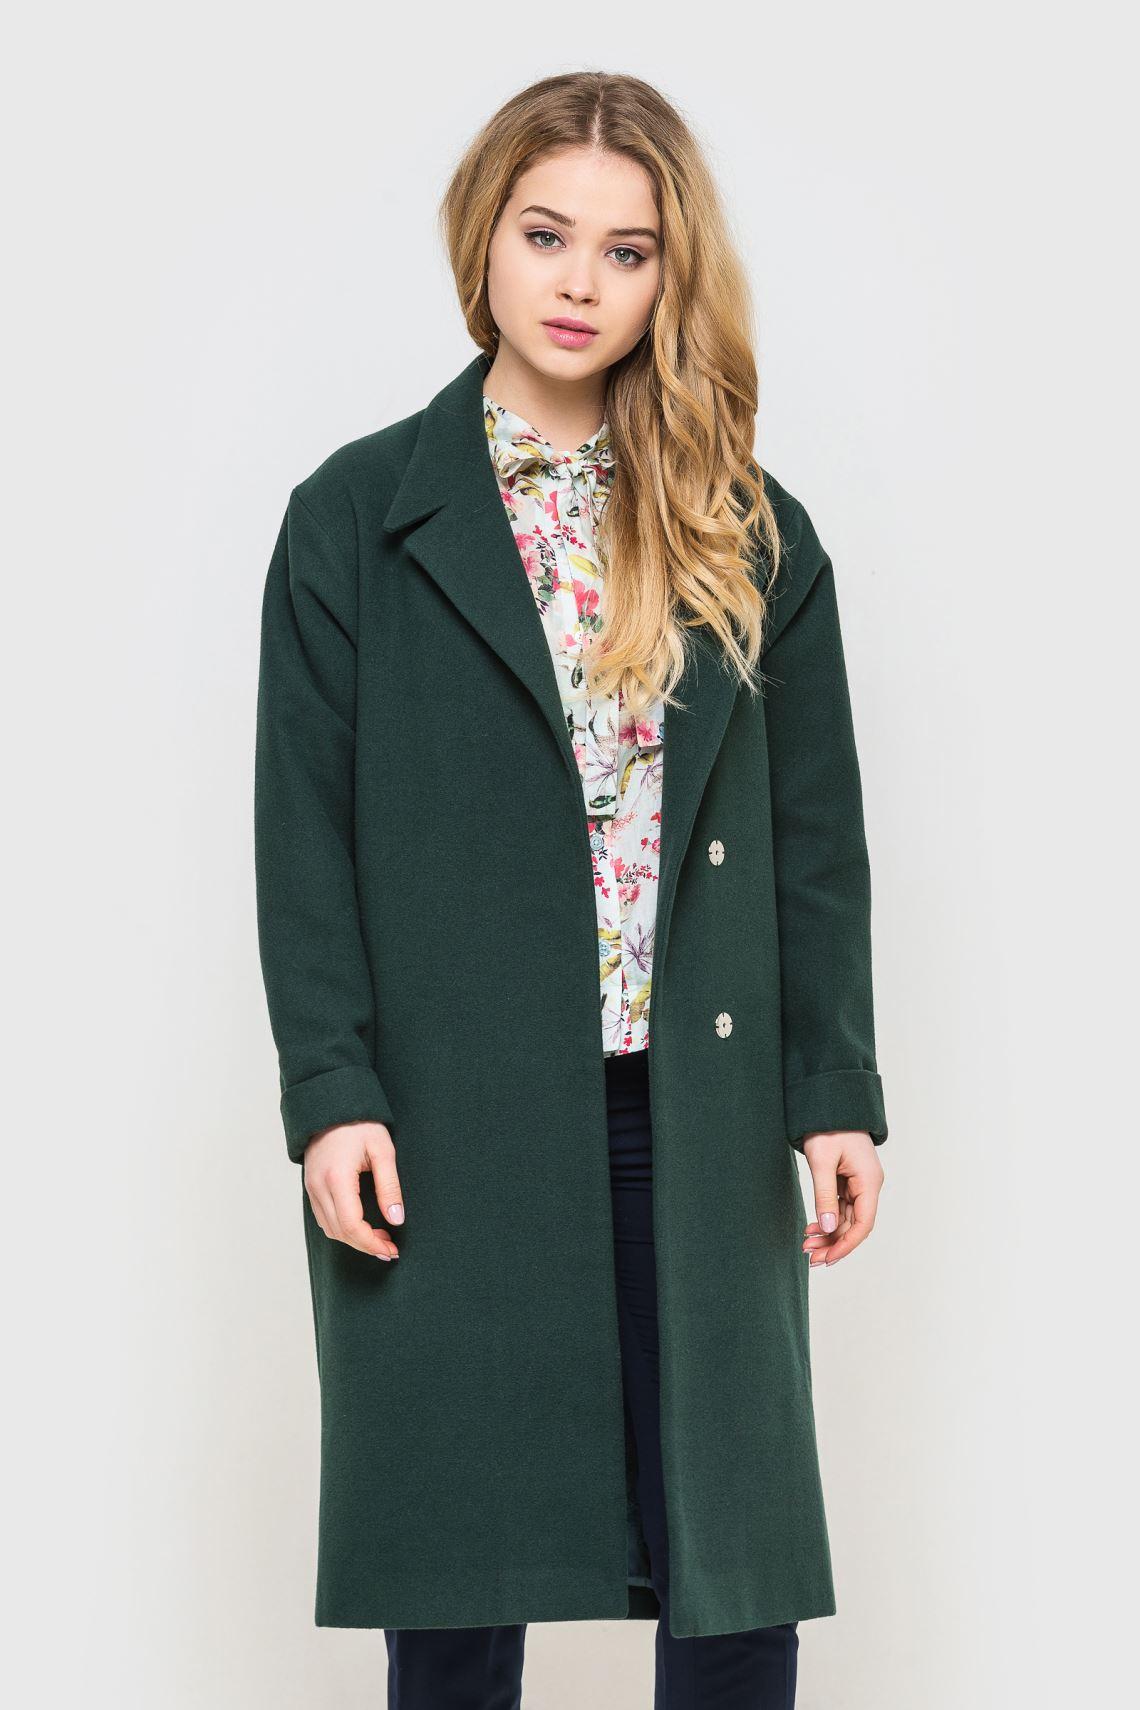 Пальто жіноче зелене зі спущеним рукавом  f84934d2e1870